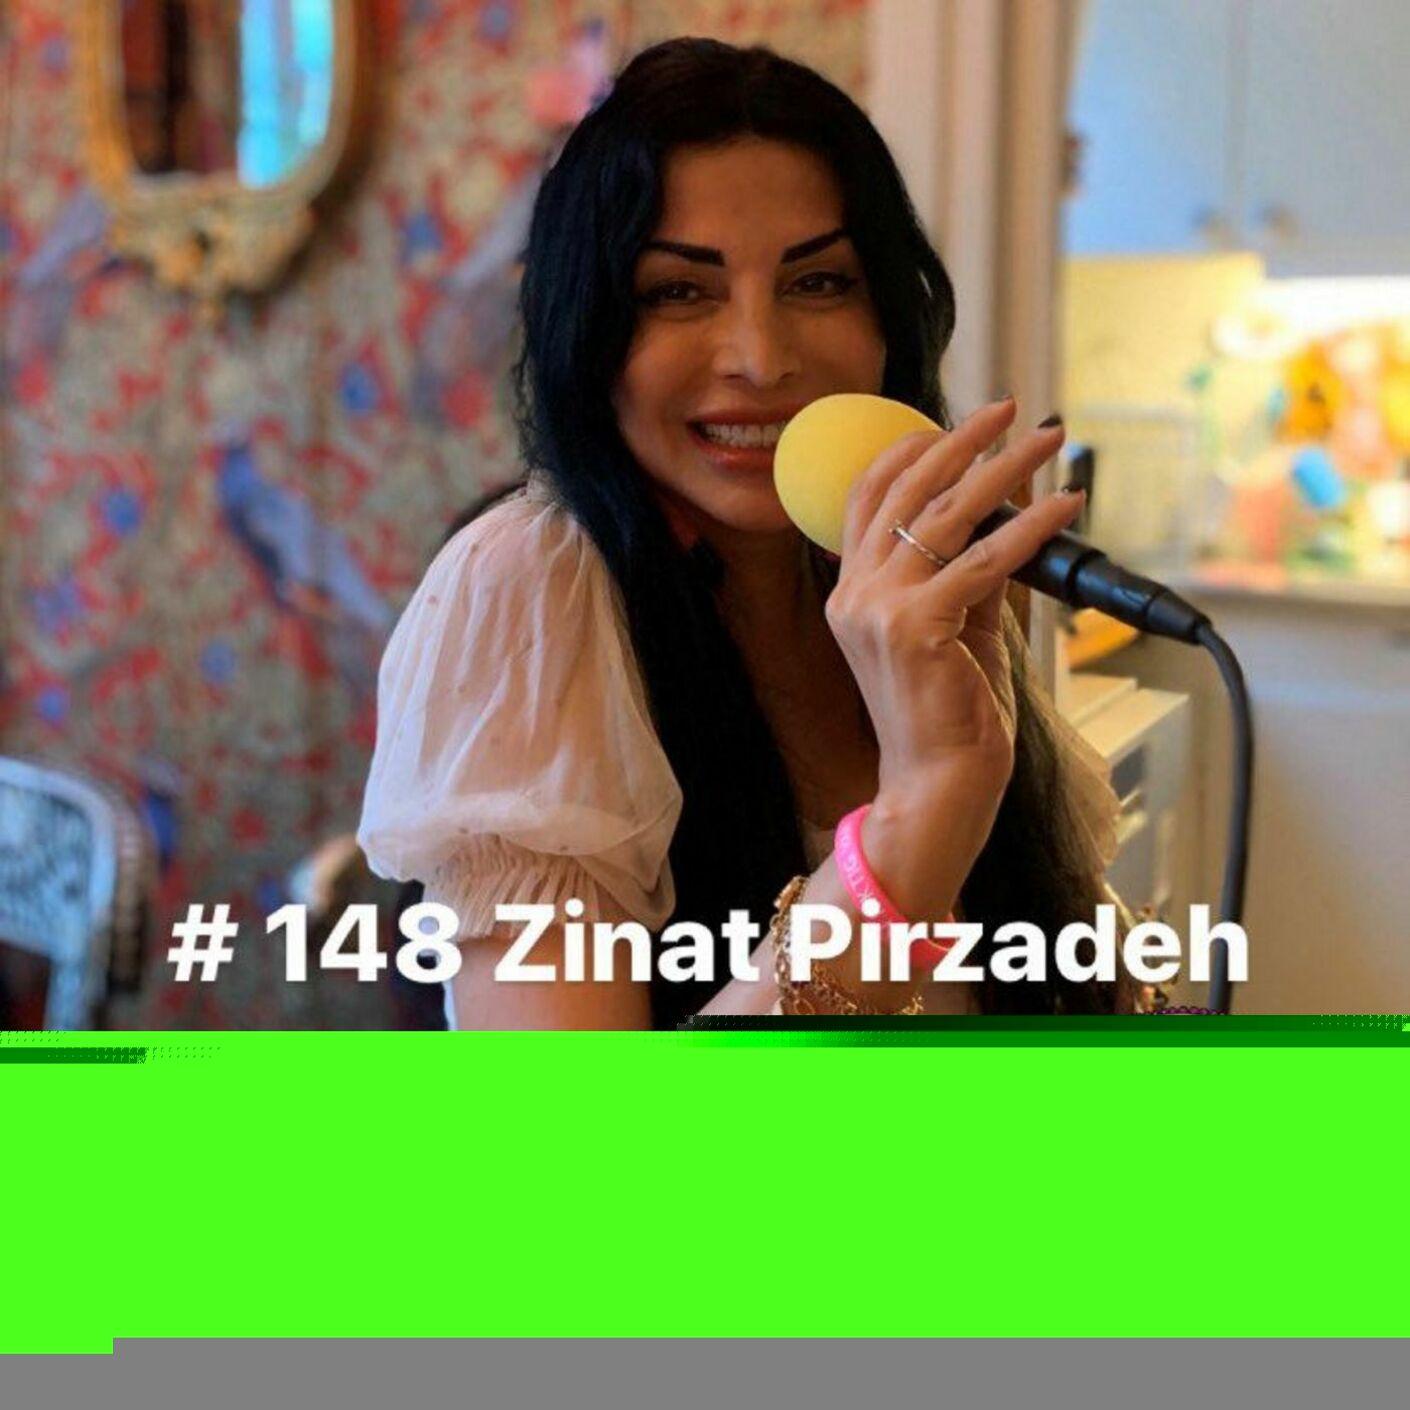 148. Zinat Pirzadeh